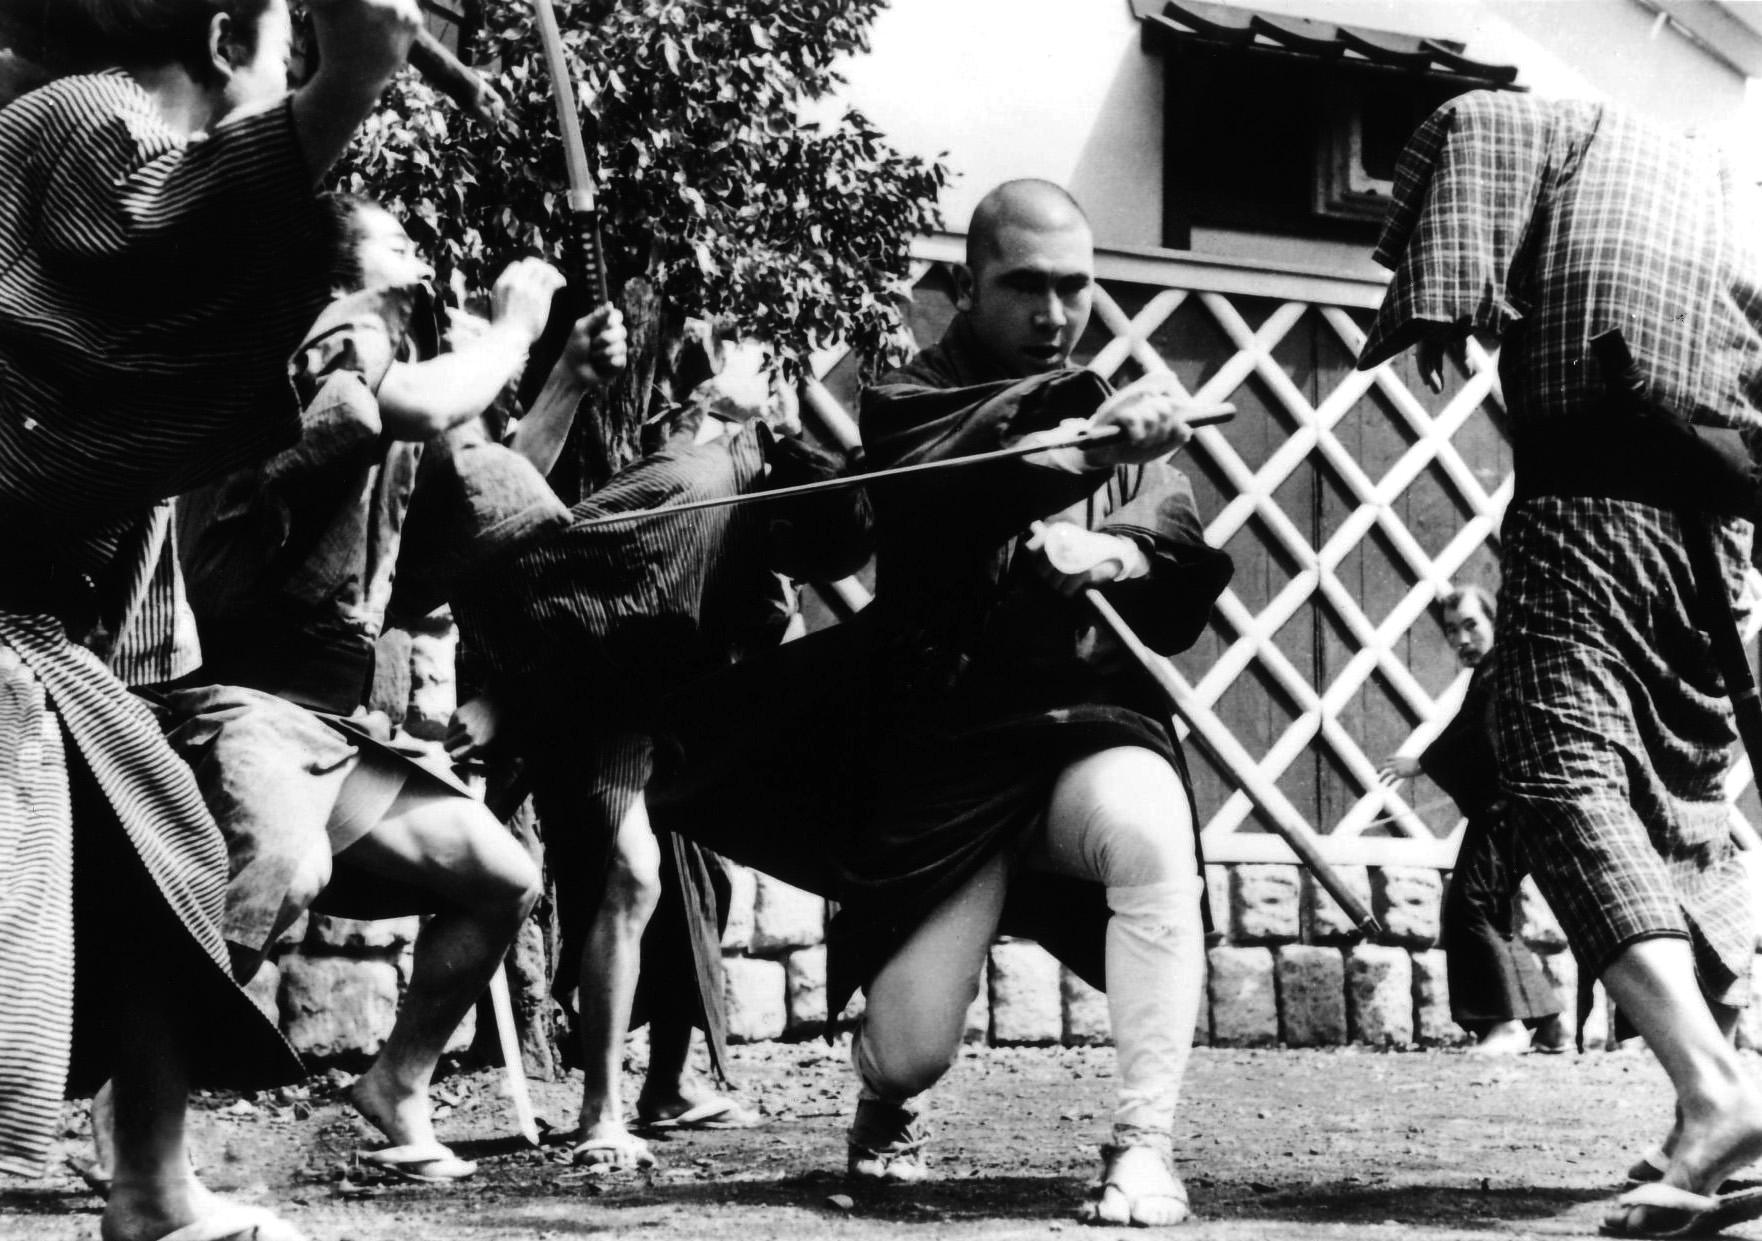 【9/3(金)~】座頭市物語 4Kデジタル修復版(午前十時の映画祭11/特別料金)